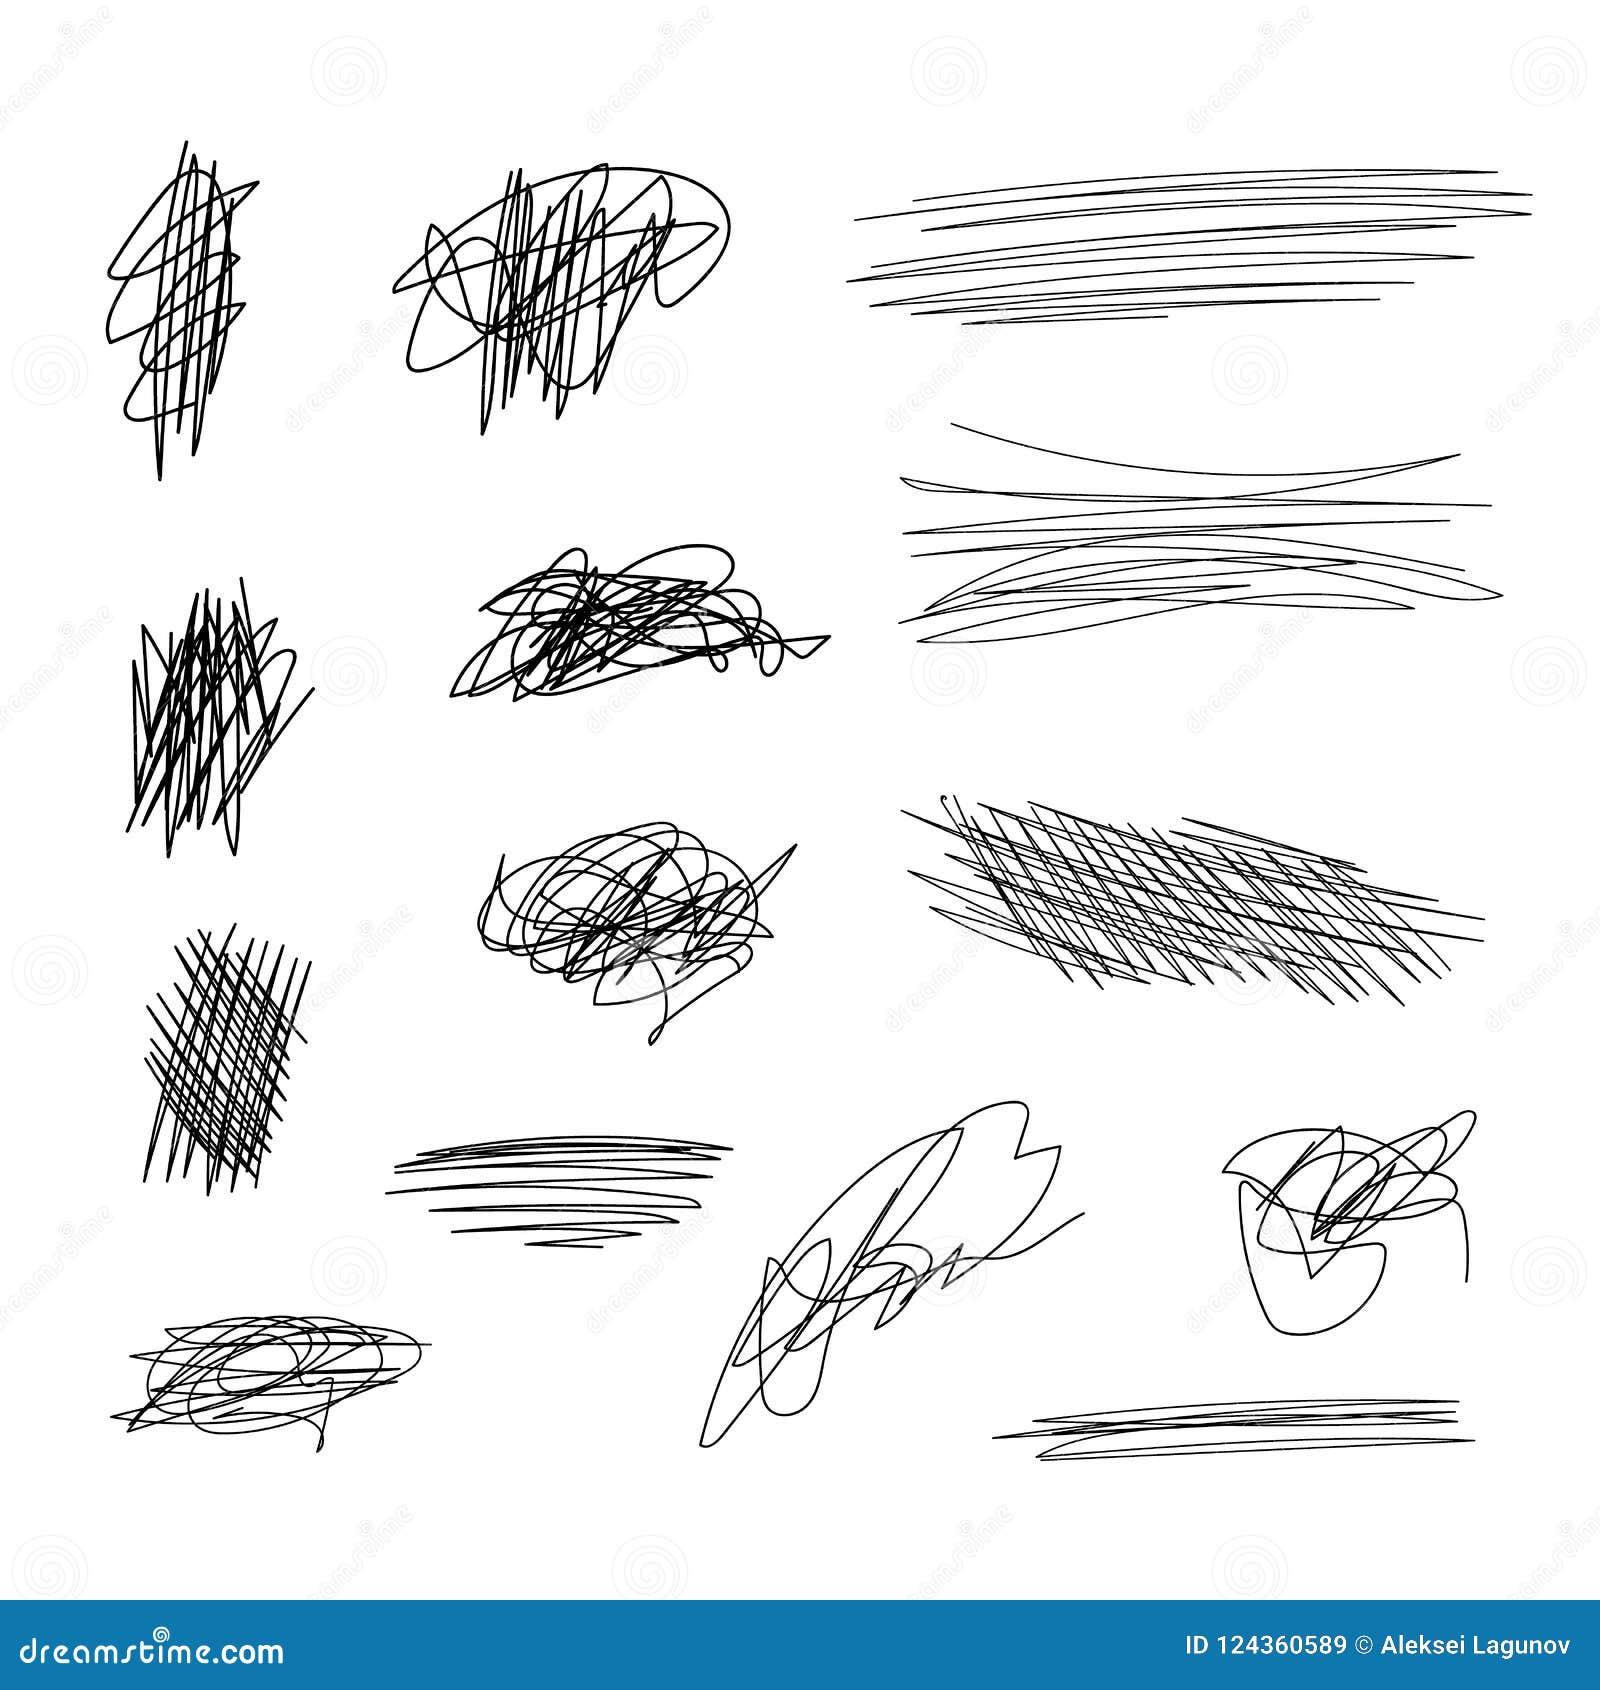 Vector Scribble Lines Set, Black Brush Strokes on White.